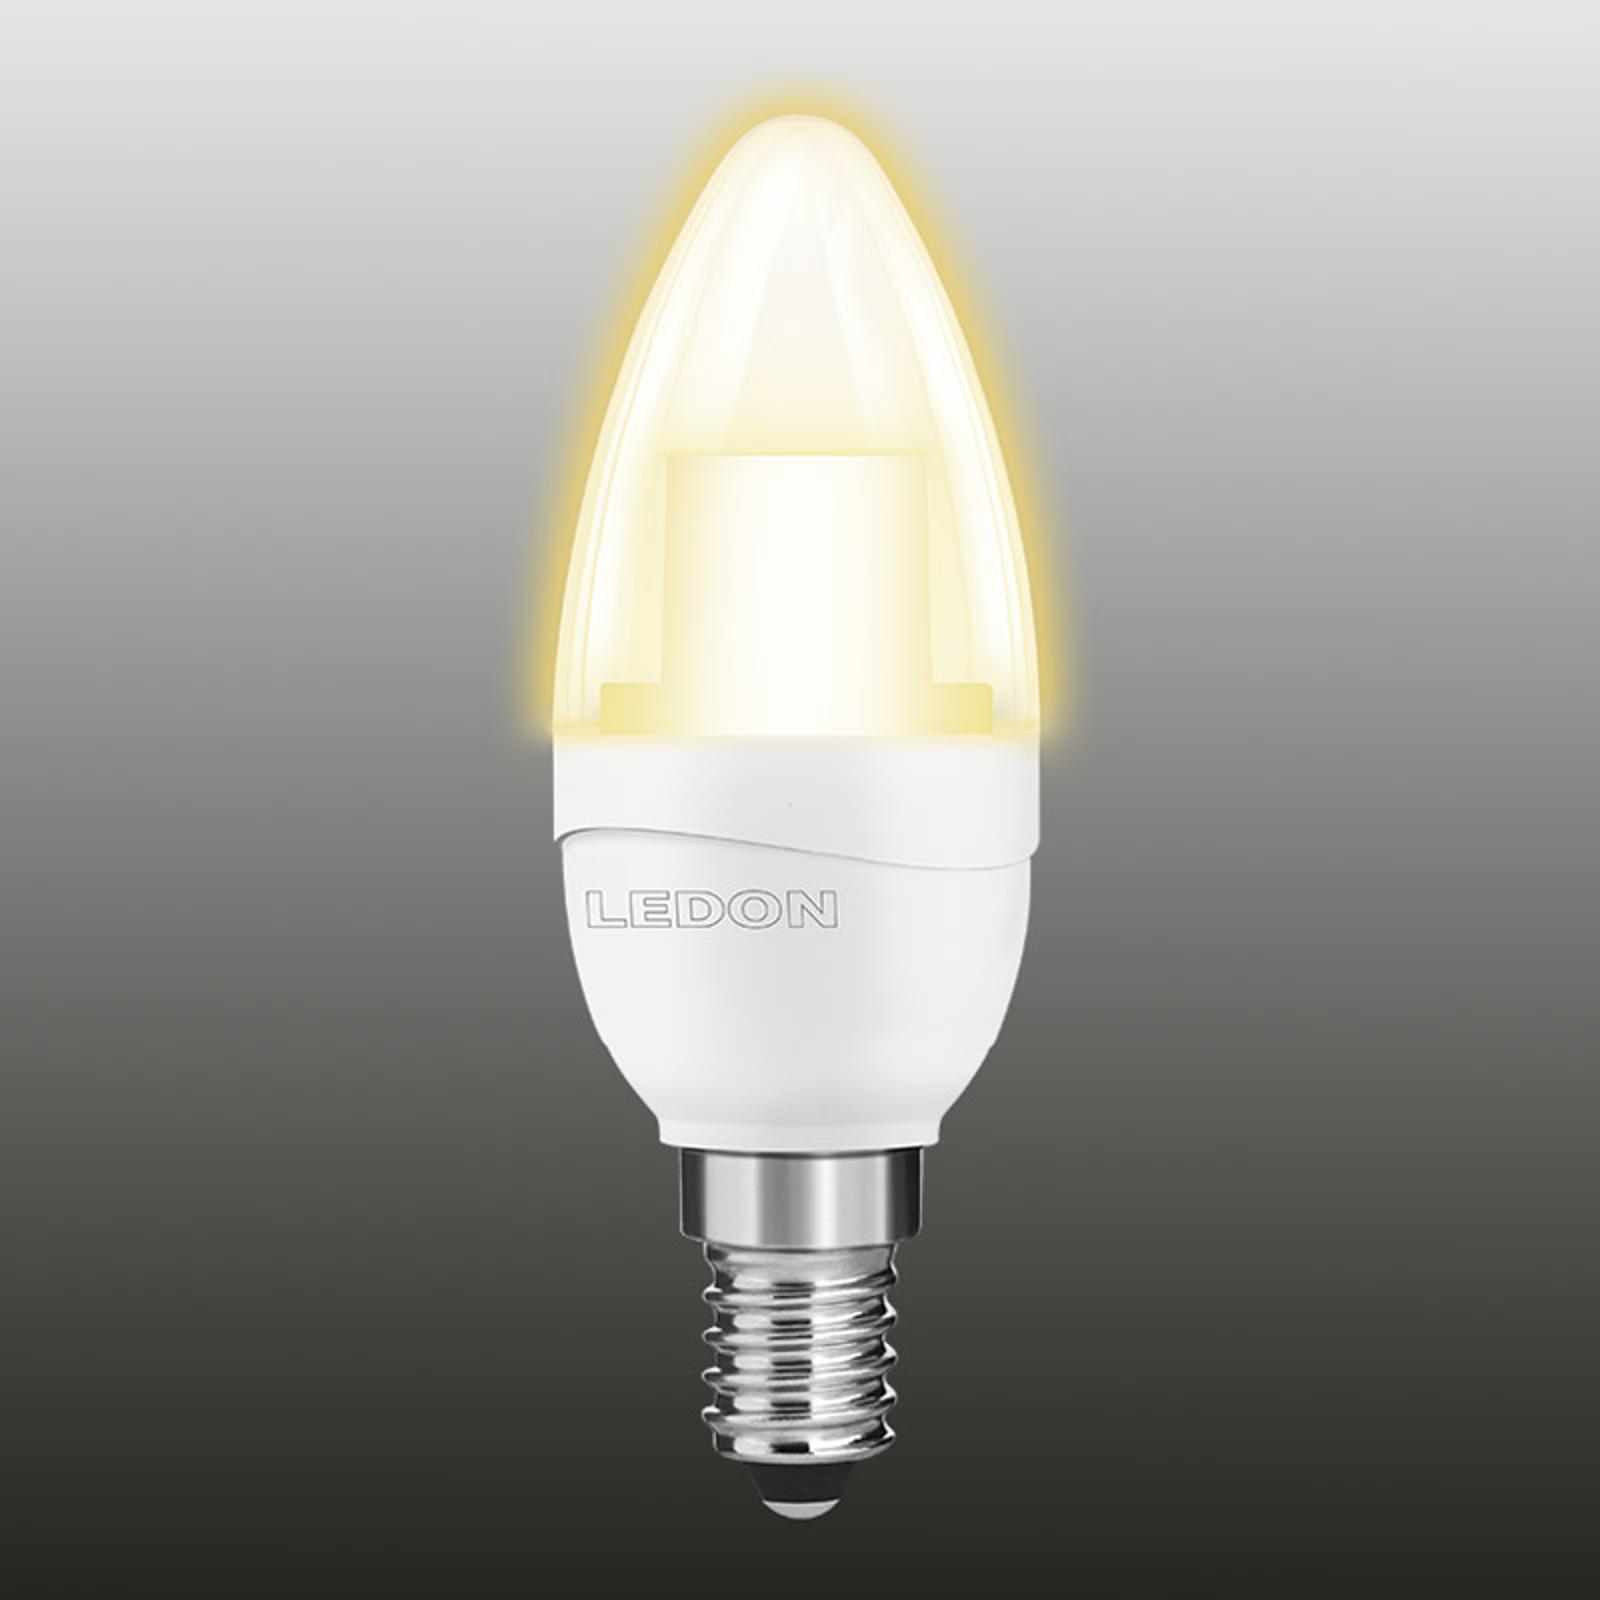 Lampadina cand. LED 927 5W E14 trasp., non dimm.